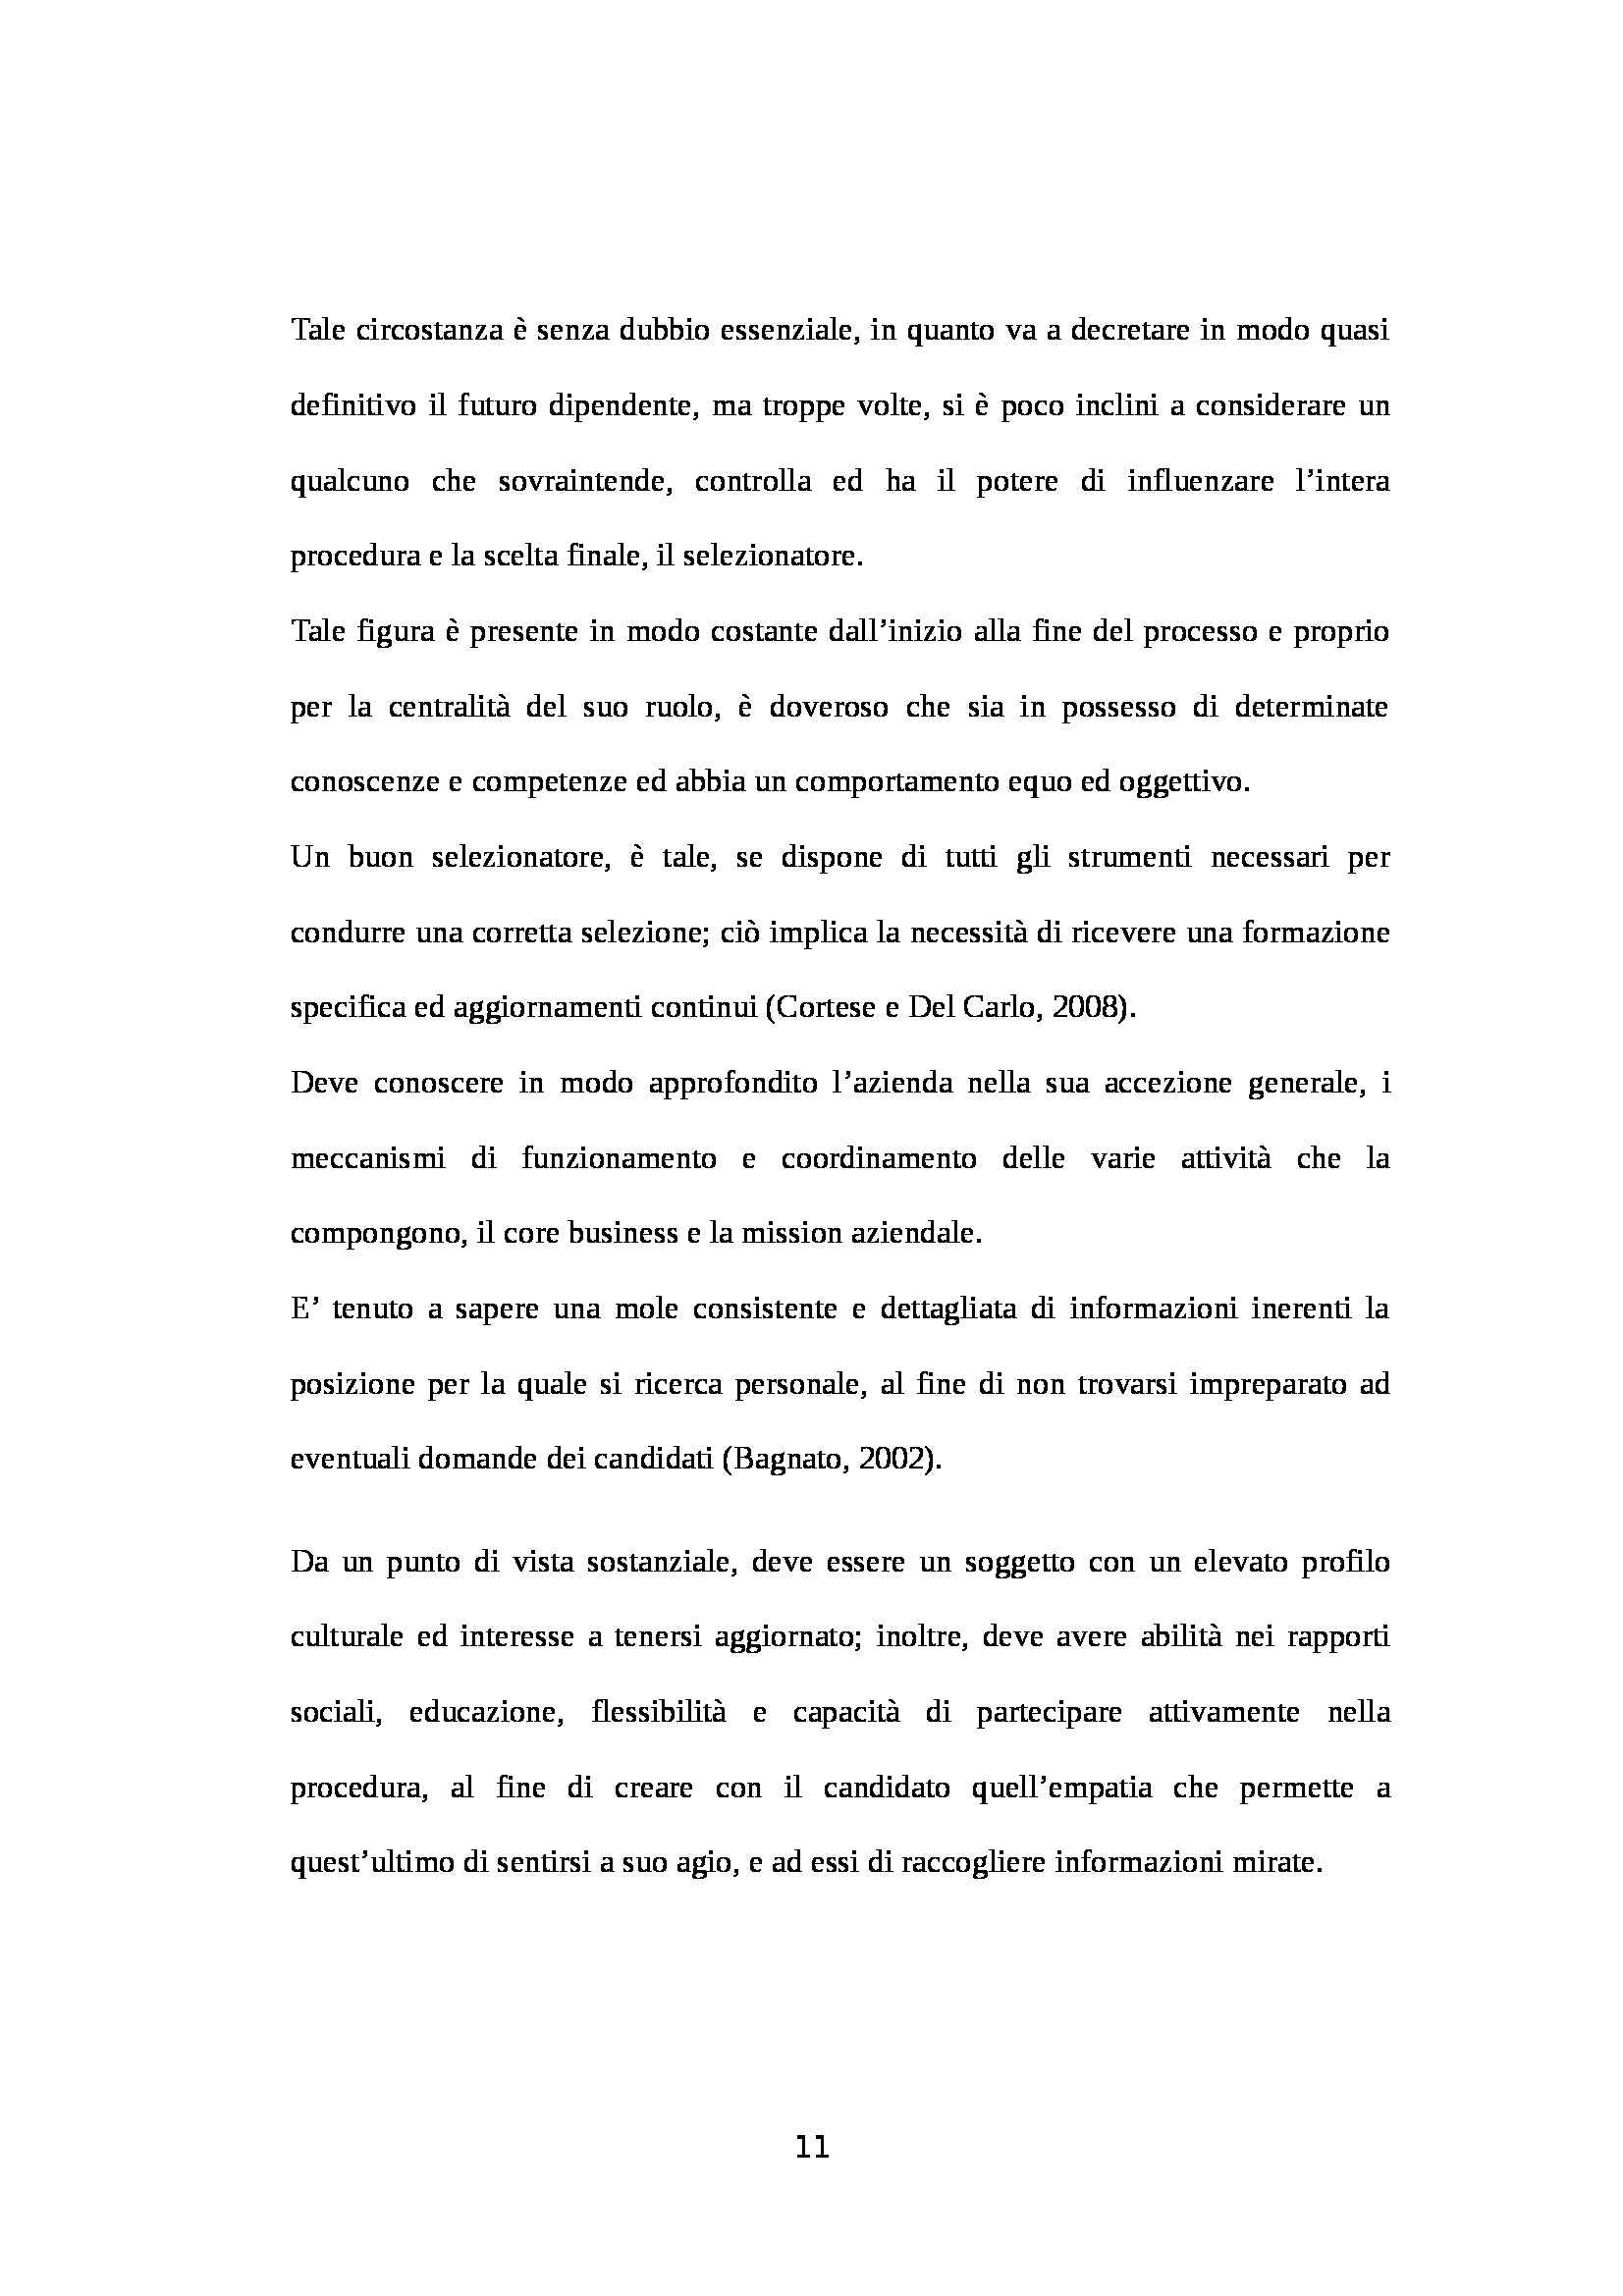 Tesi - I processi di selezione del personale Pag. 11